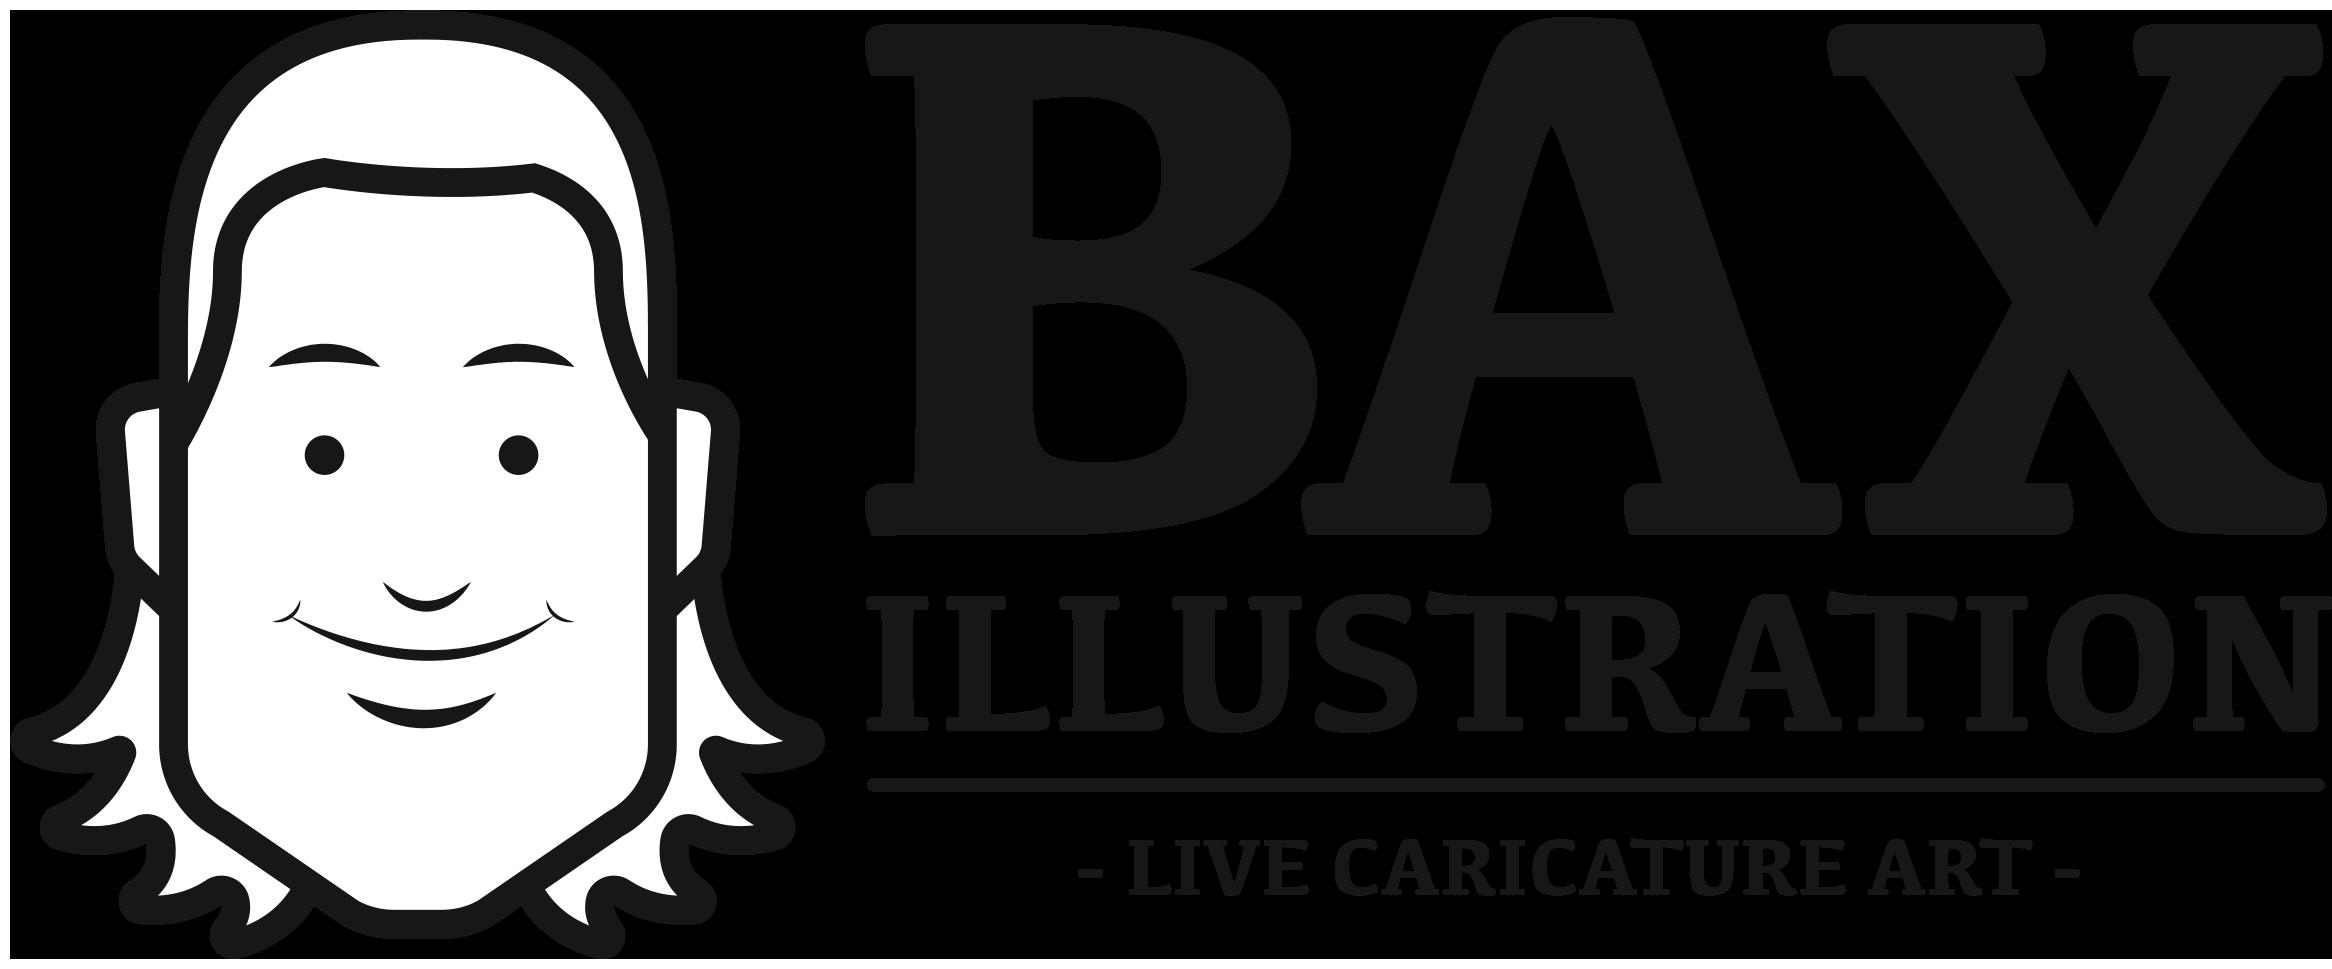 bax-logo.png